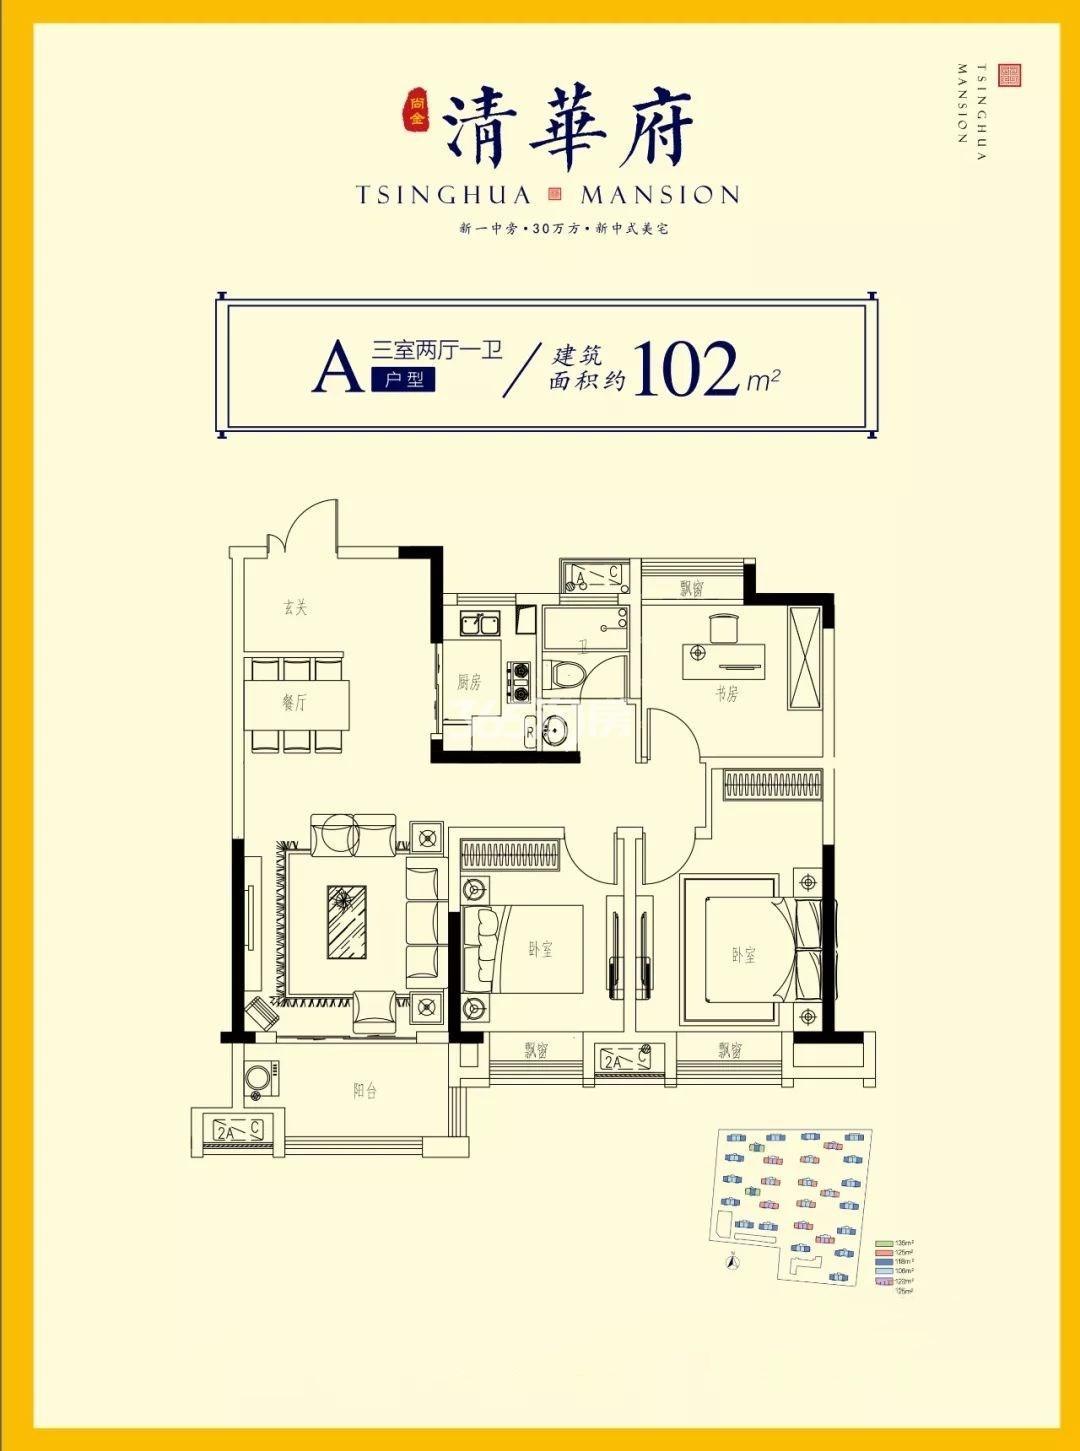 A户型 3室2厅1卫 102㎡